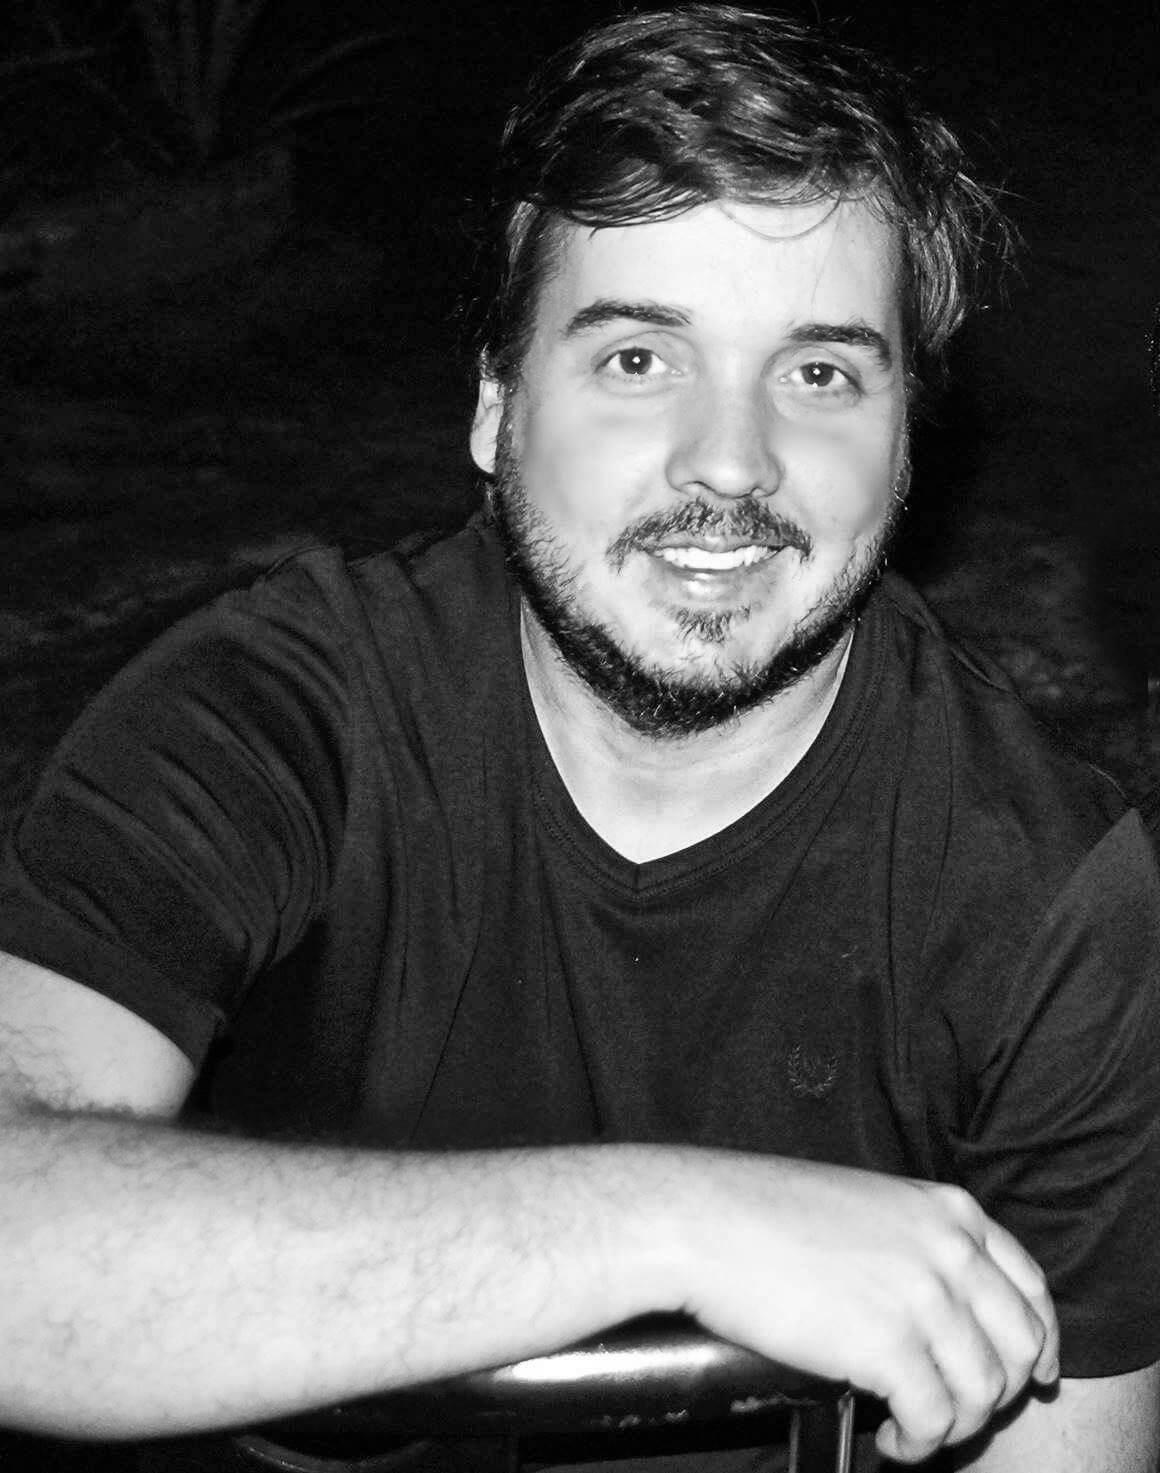 Gustavo Coutinho cgi artist 3d